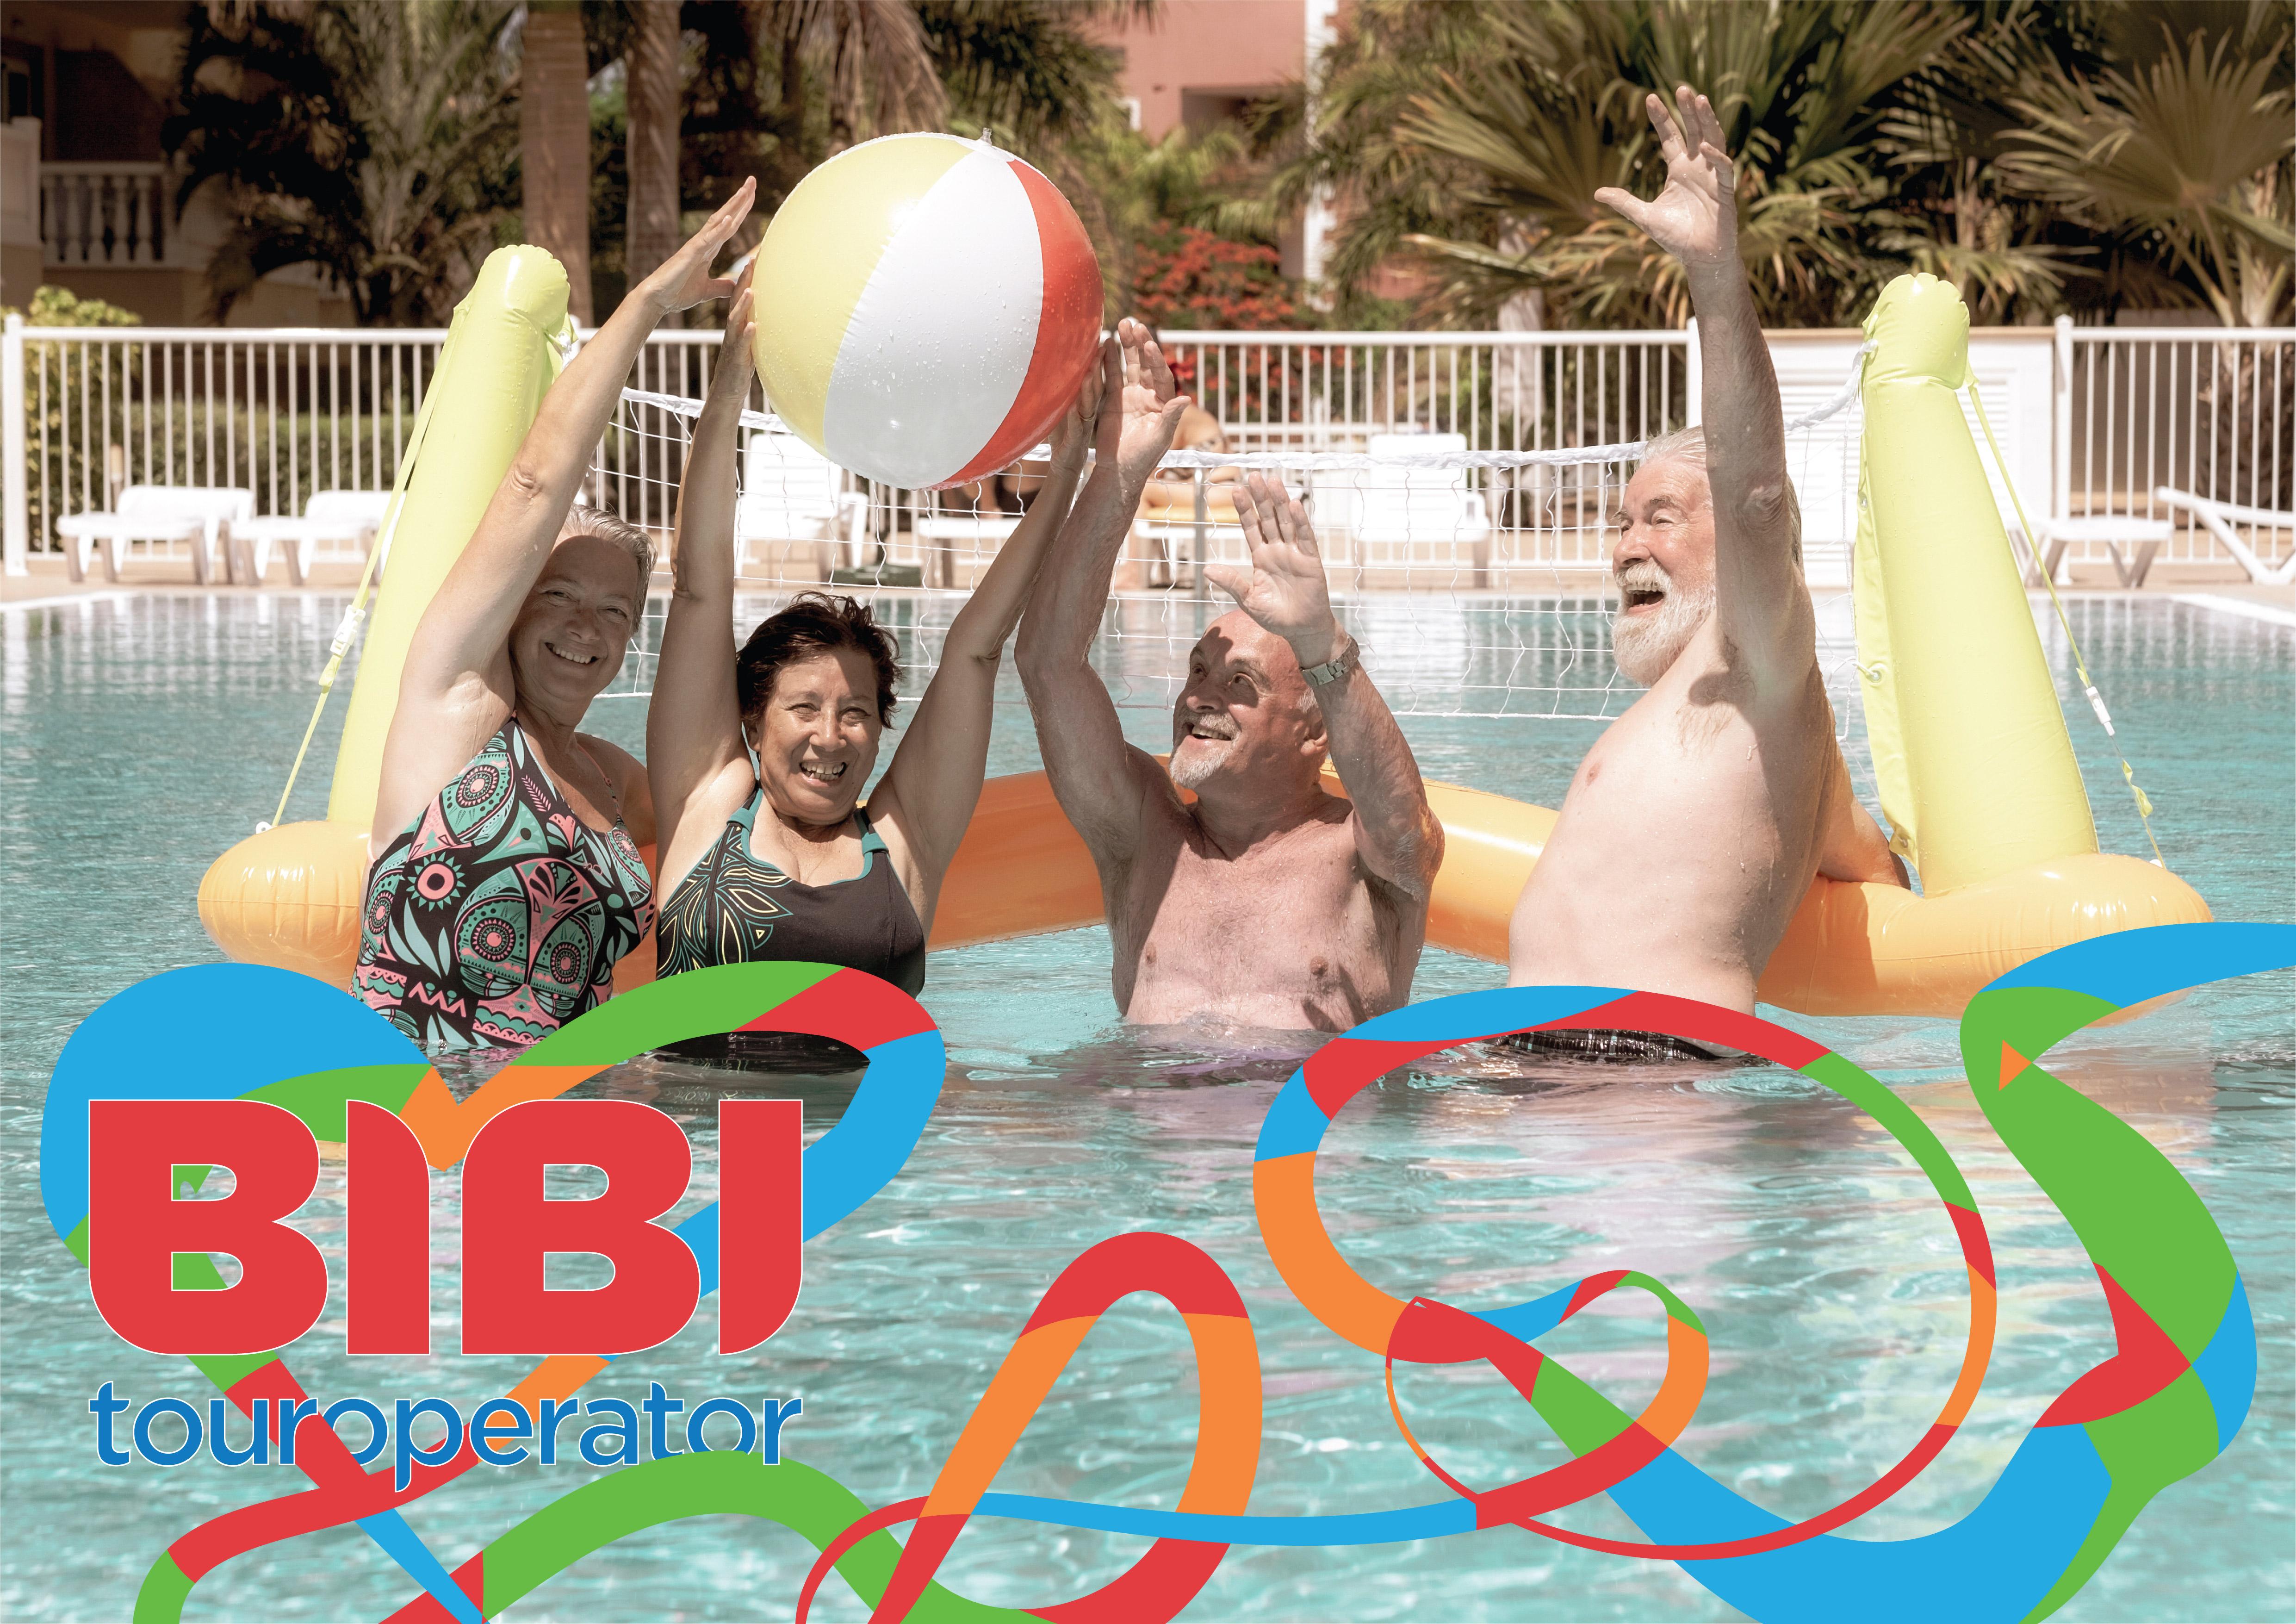 bibi-touroperator-rebranding-21